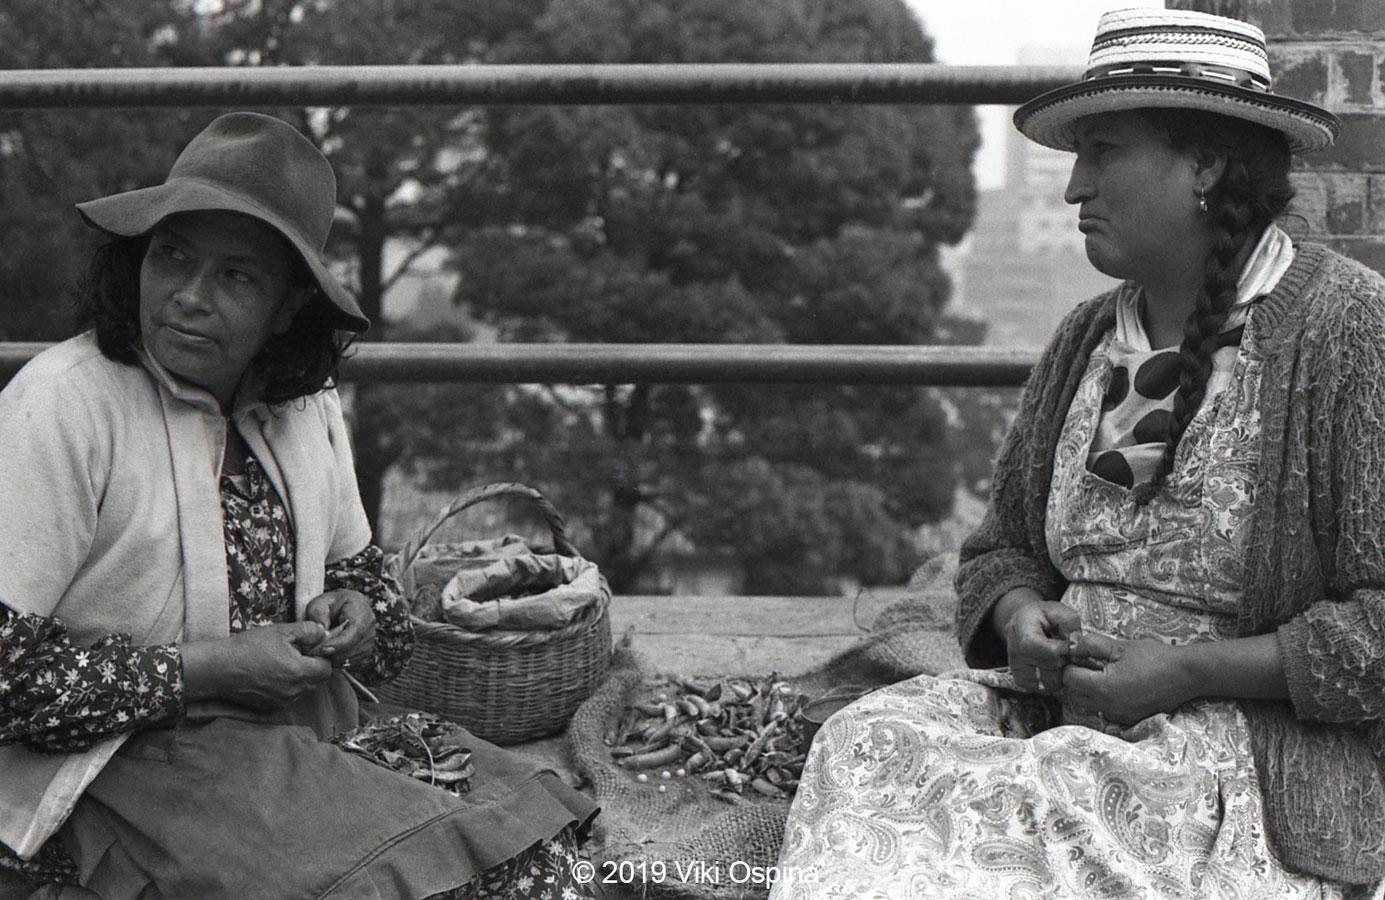 Fotografía de mujeres campesinas a blanco y negro